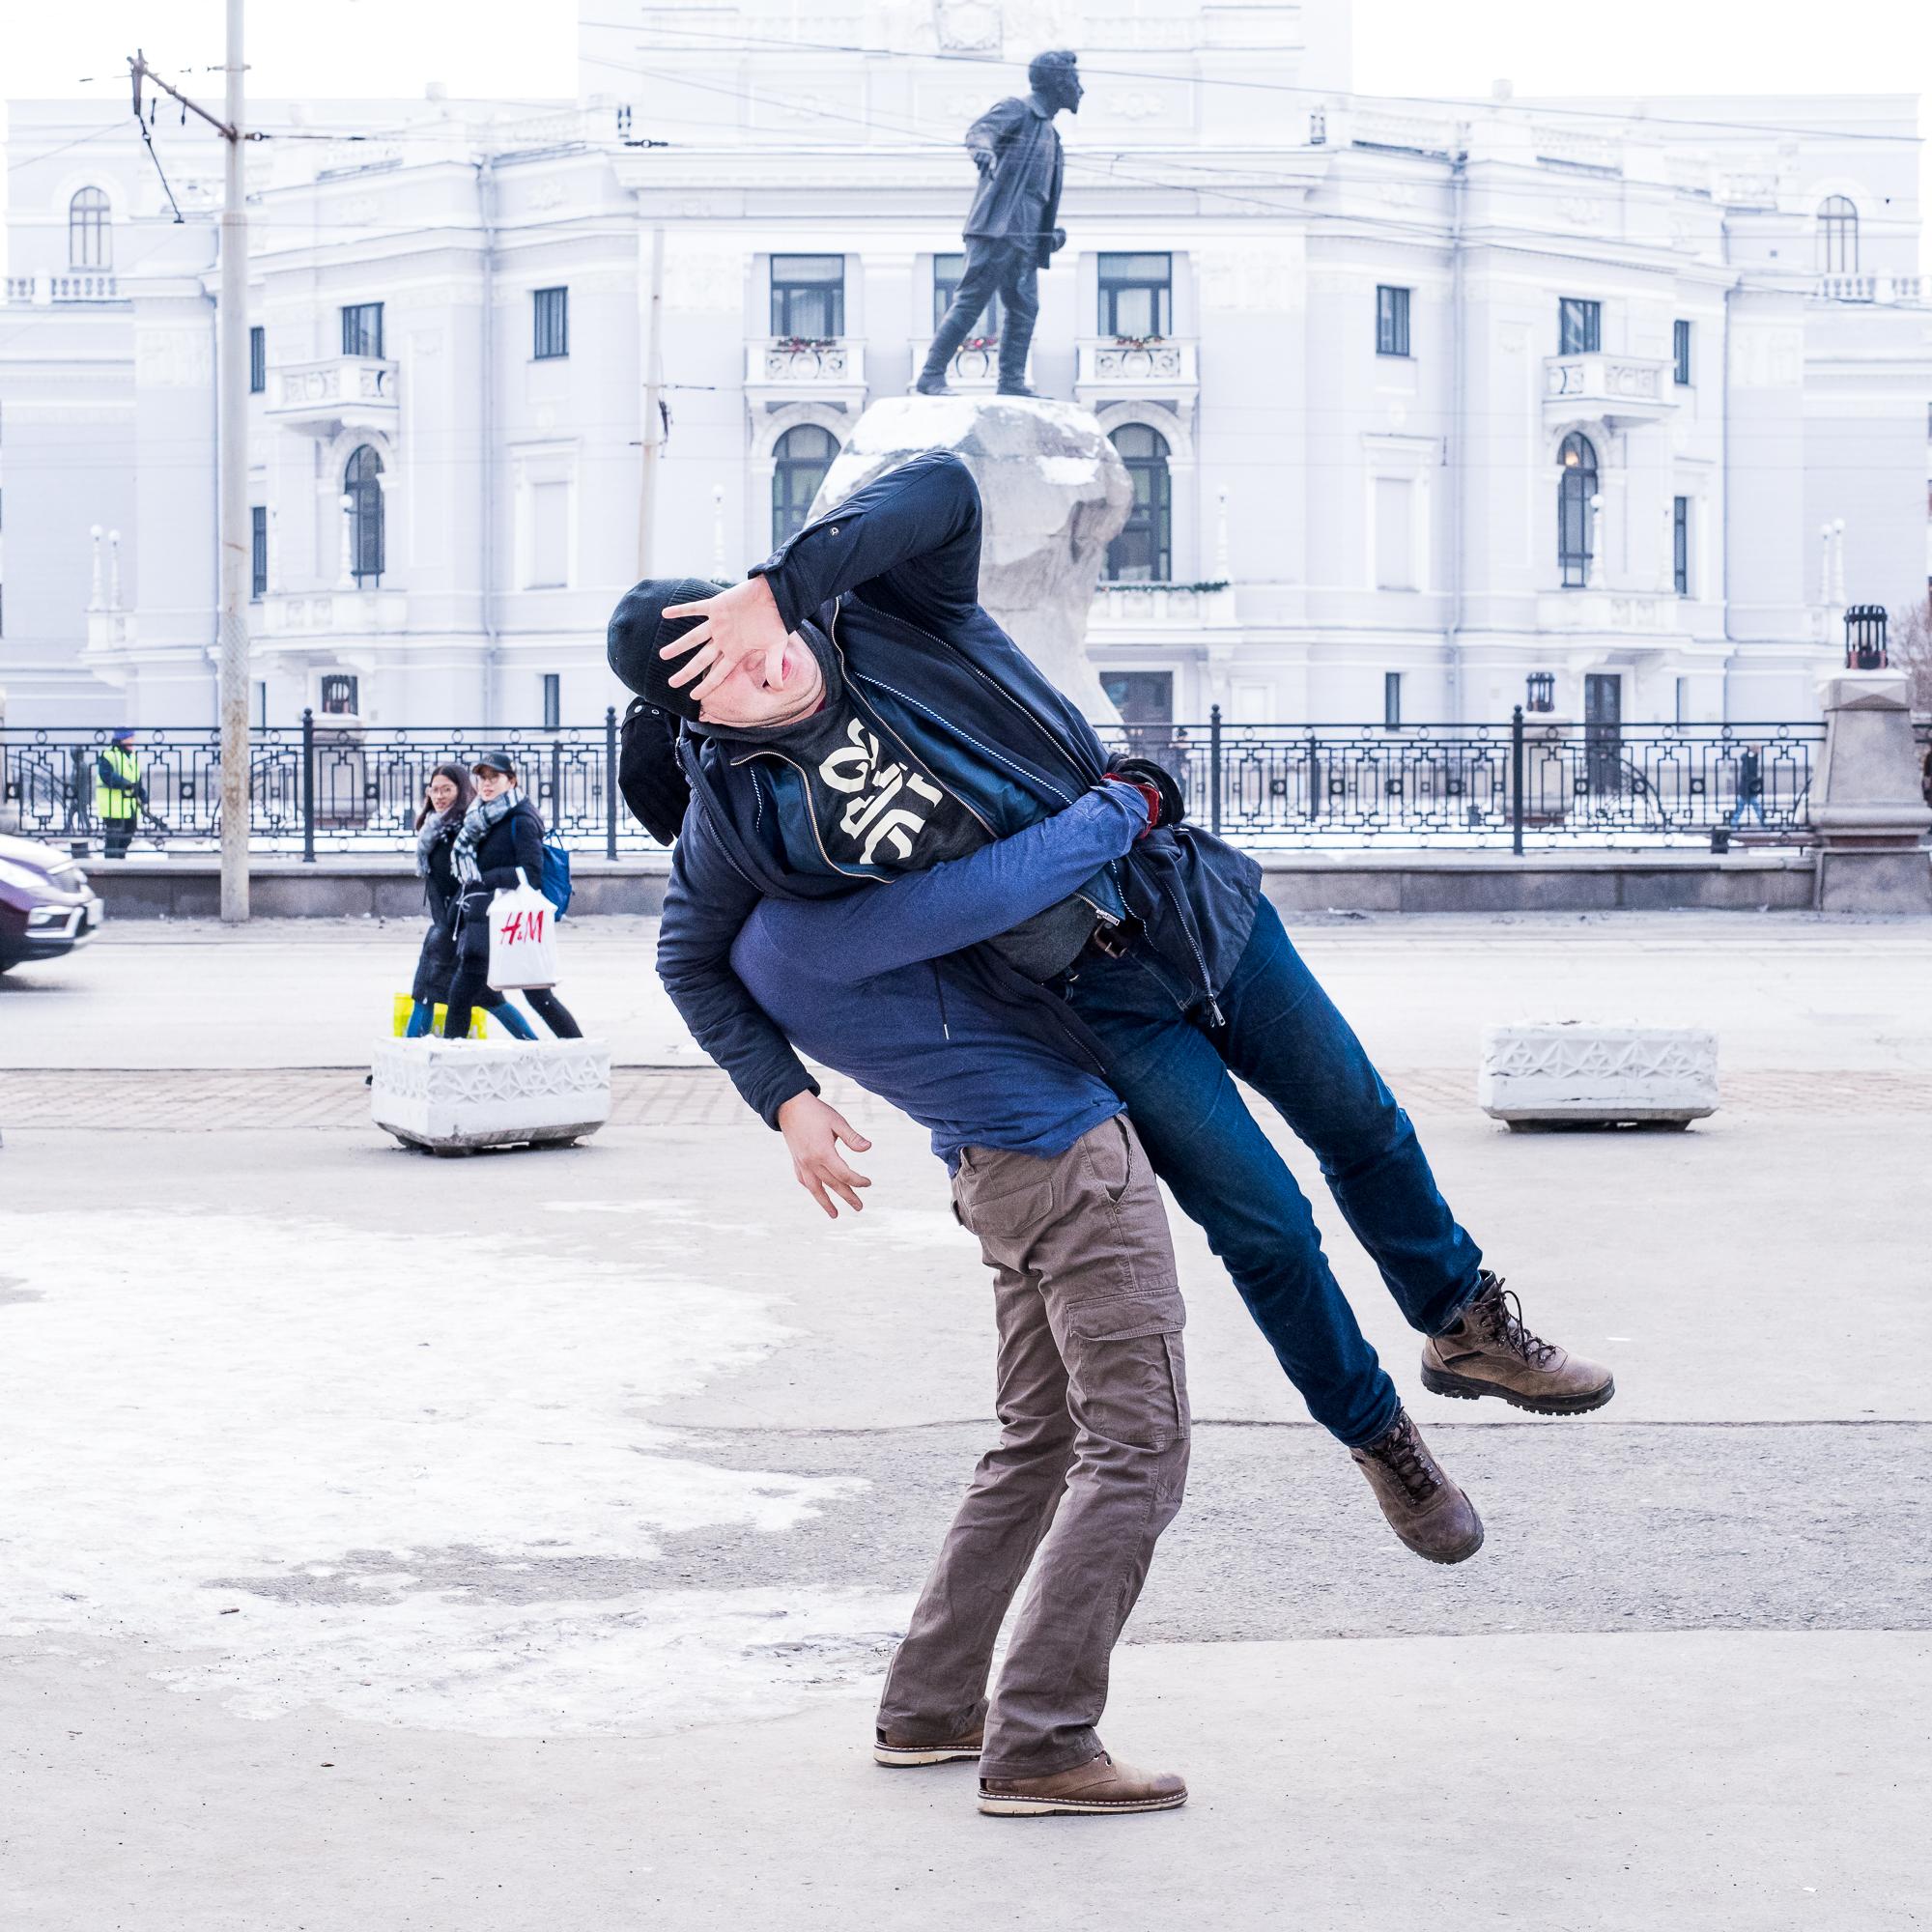 Yekaterinburg_Russia_-8,1°C